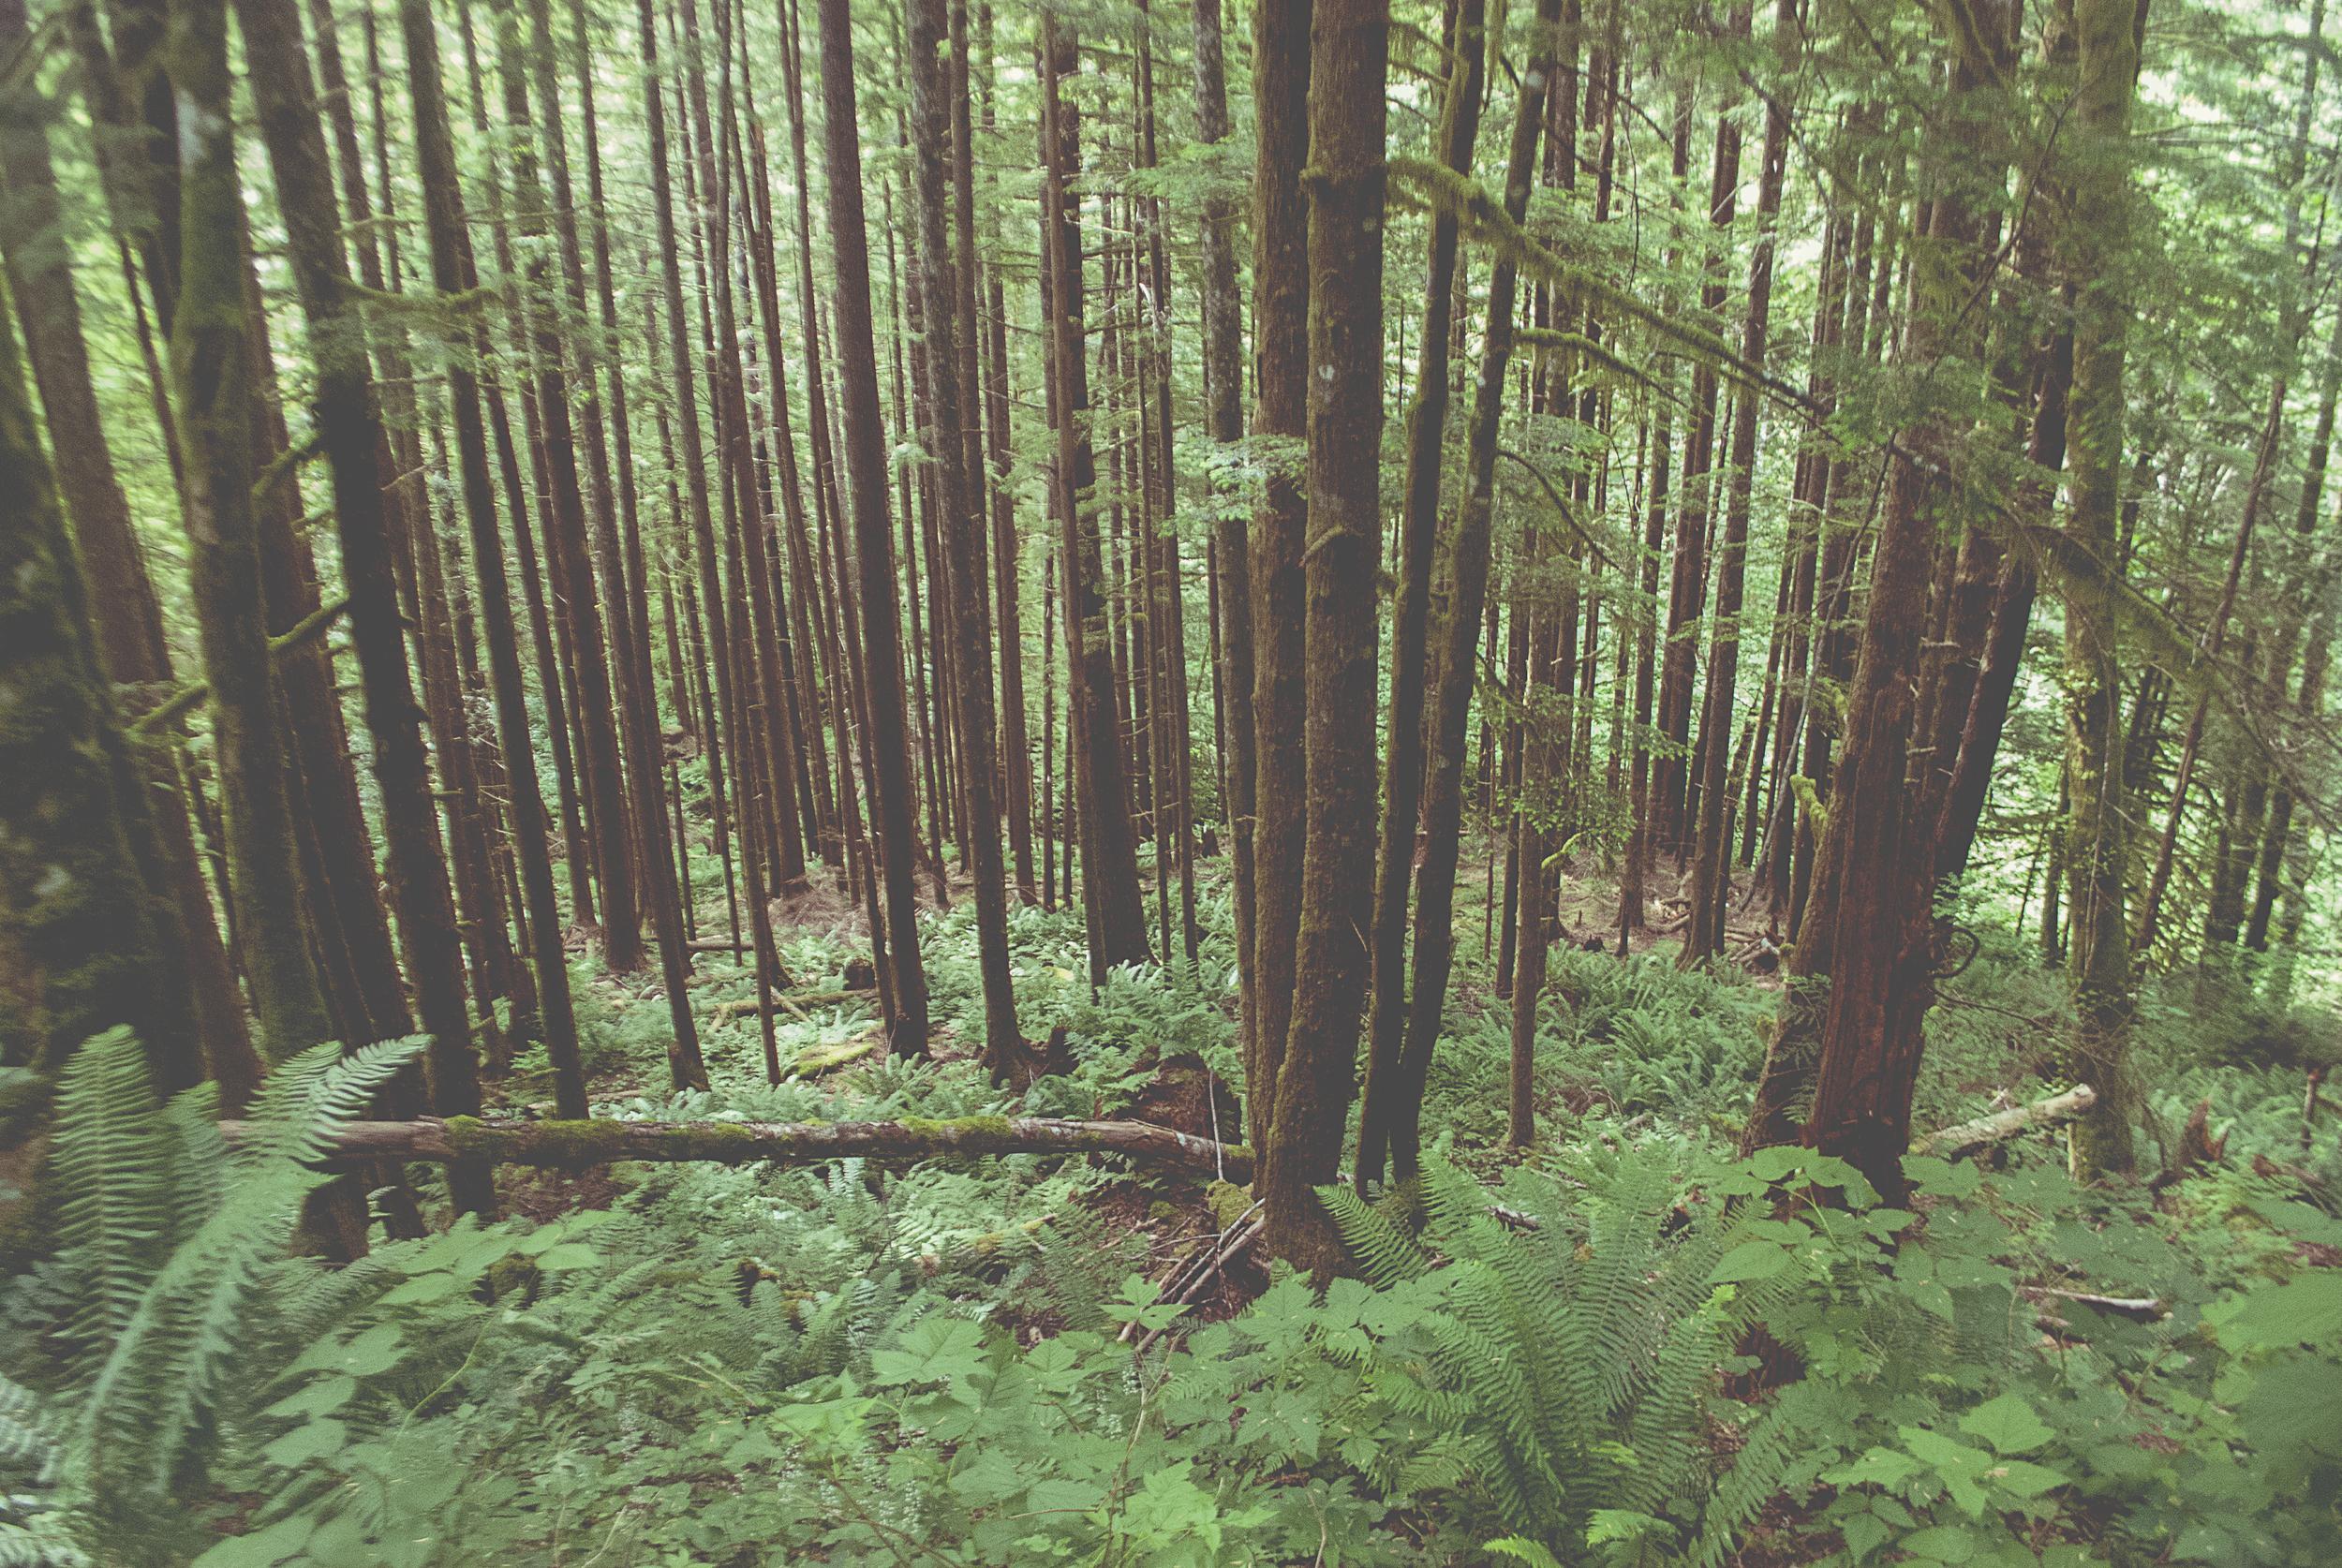 Seattle_vertical_lines_trees_DSC0033.jpg